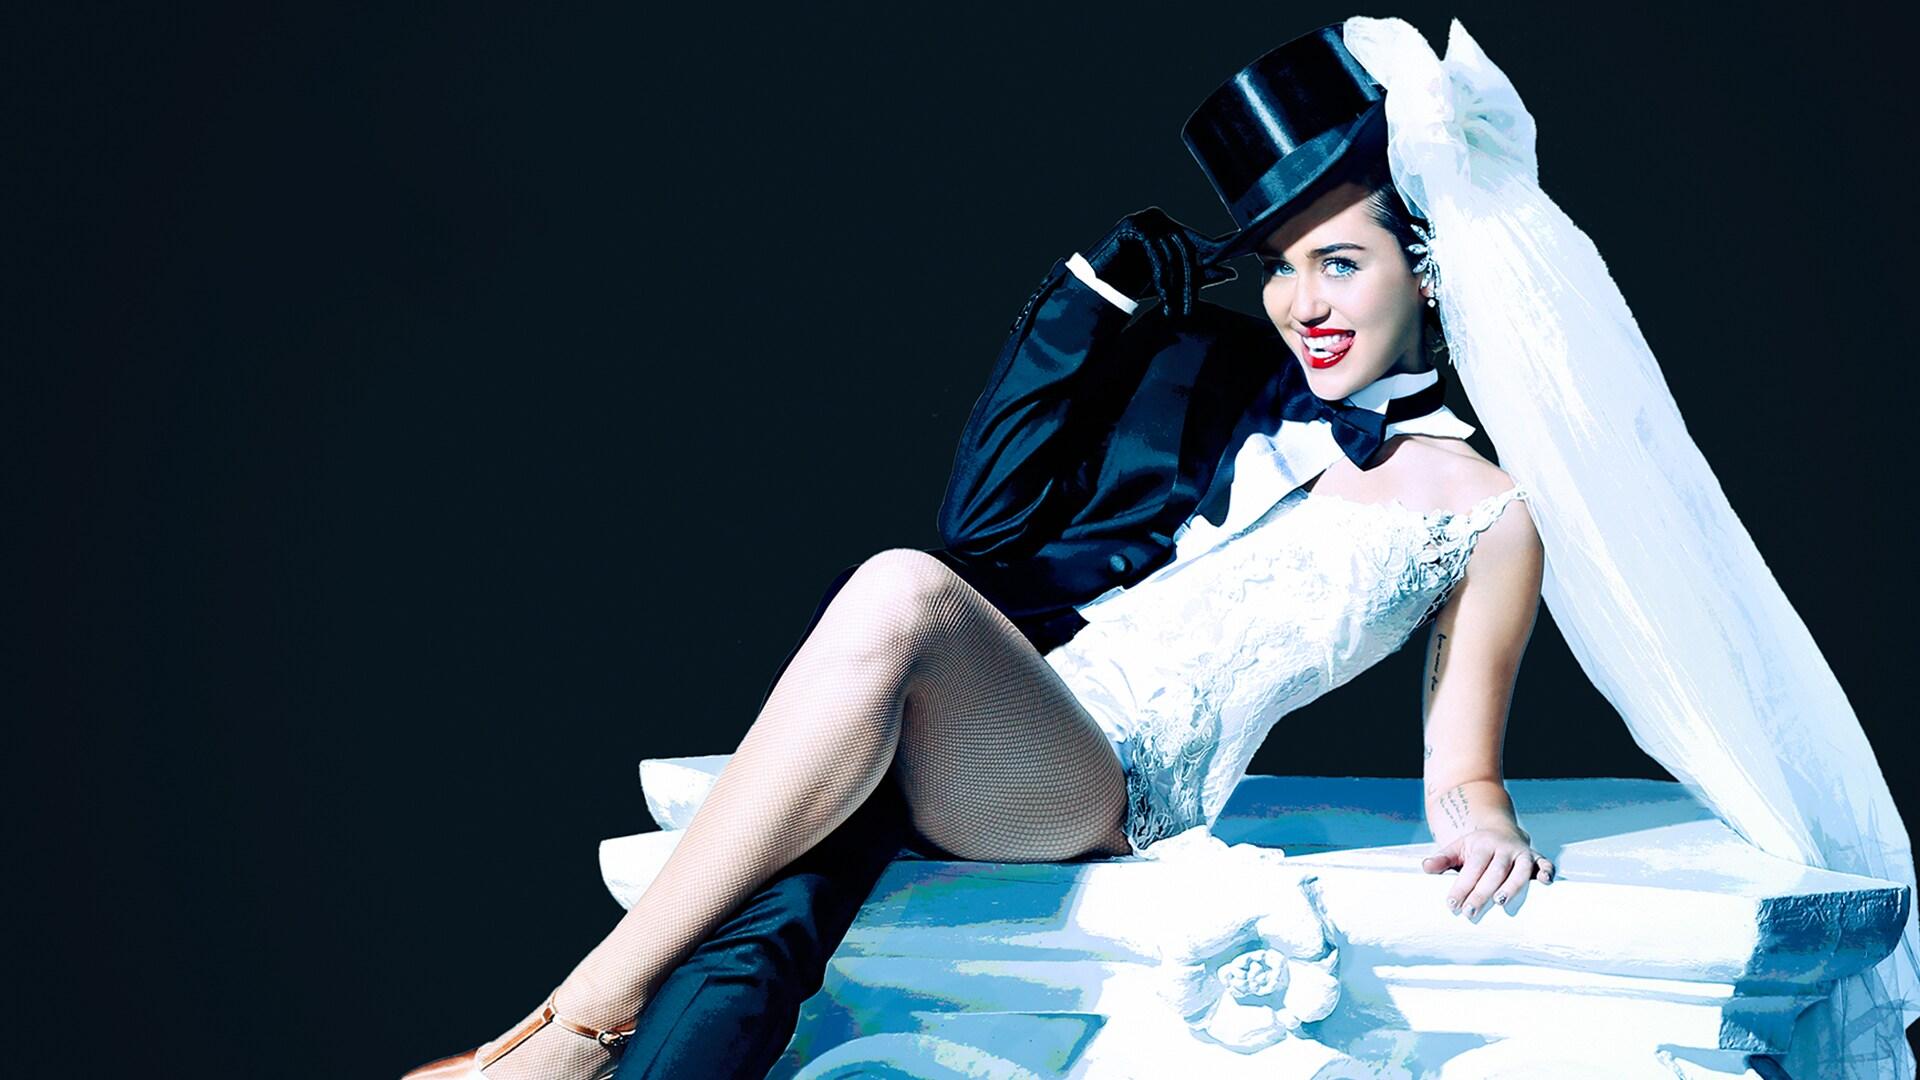 Miley Cyrus: October 3, 2015